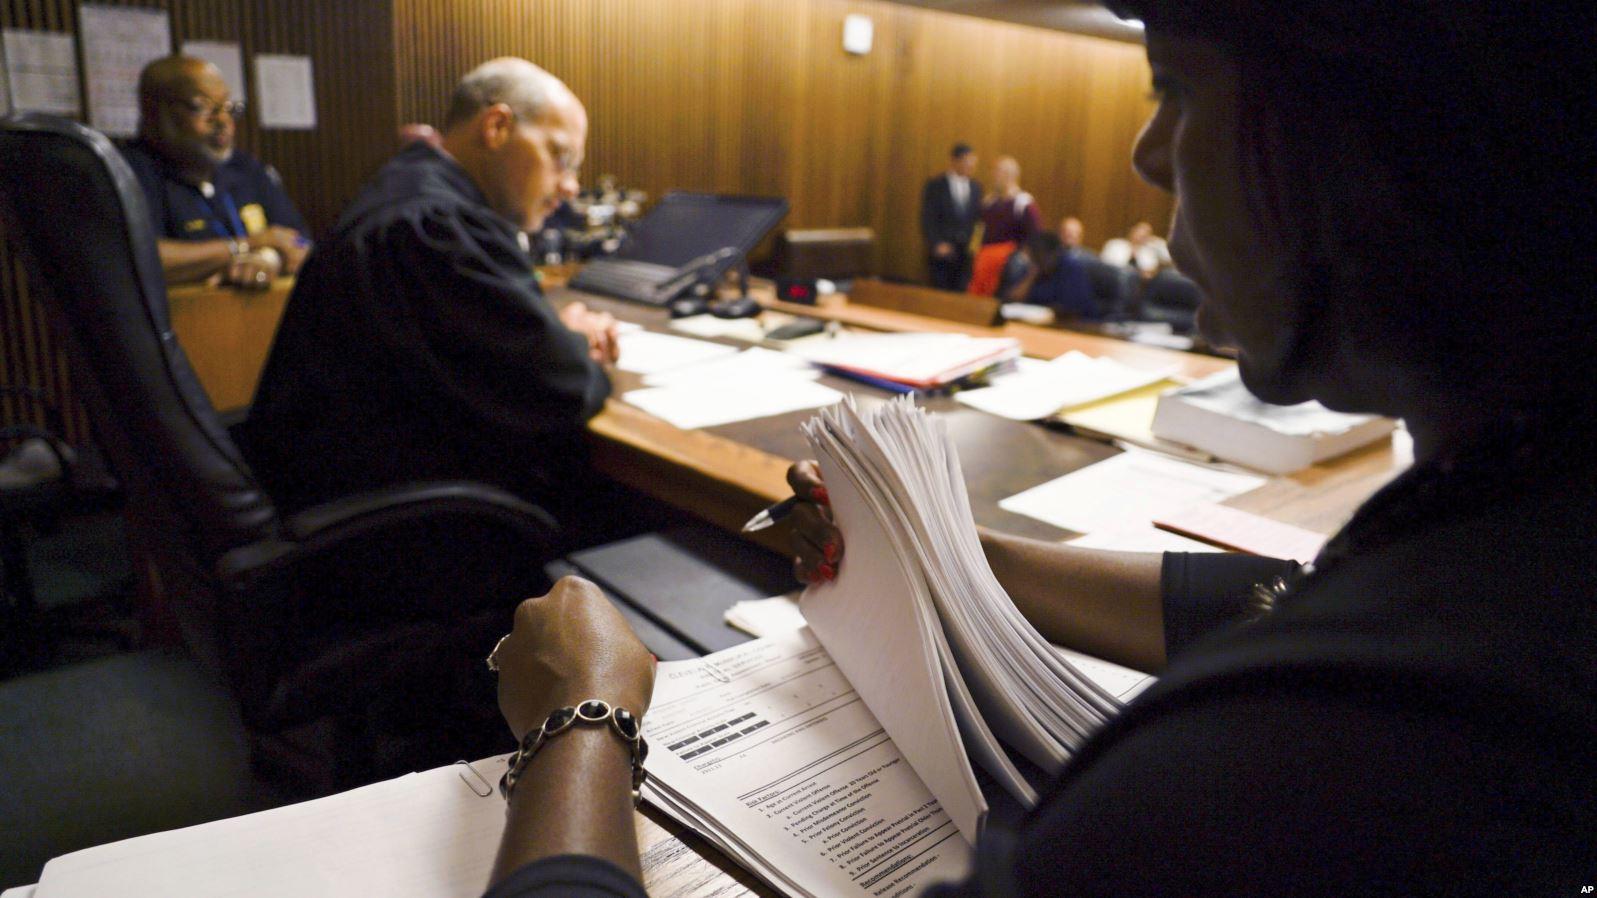 Искусственный интеллект помогает американским судьям определить меру пресечения. Ореальных сроках речь пока неидёт.